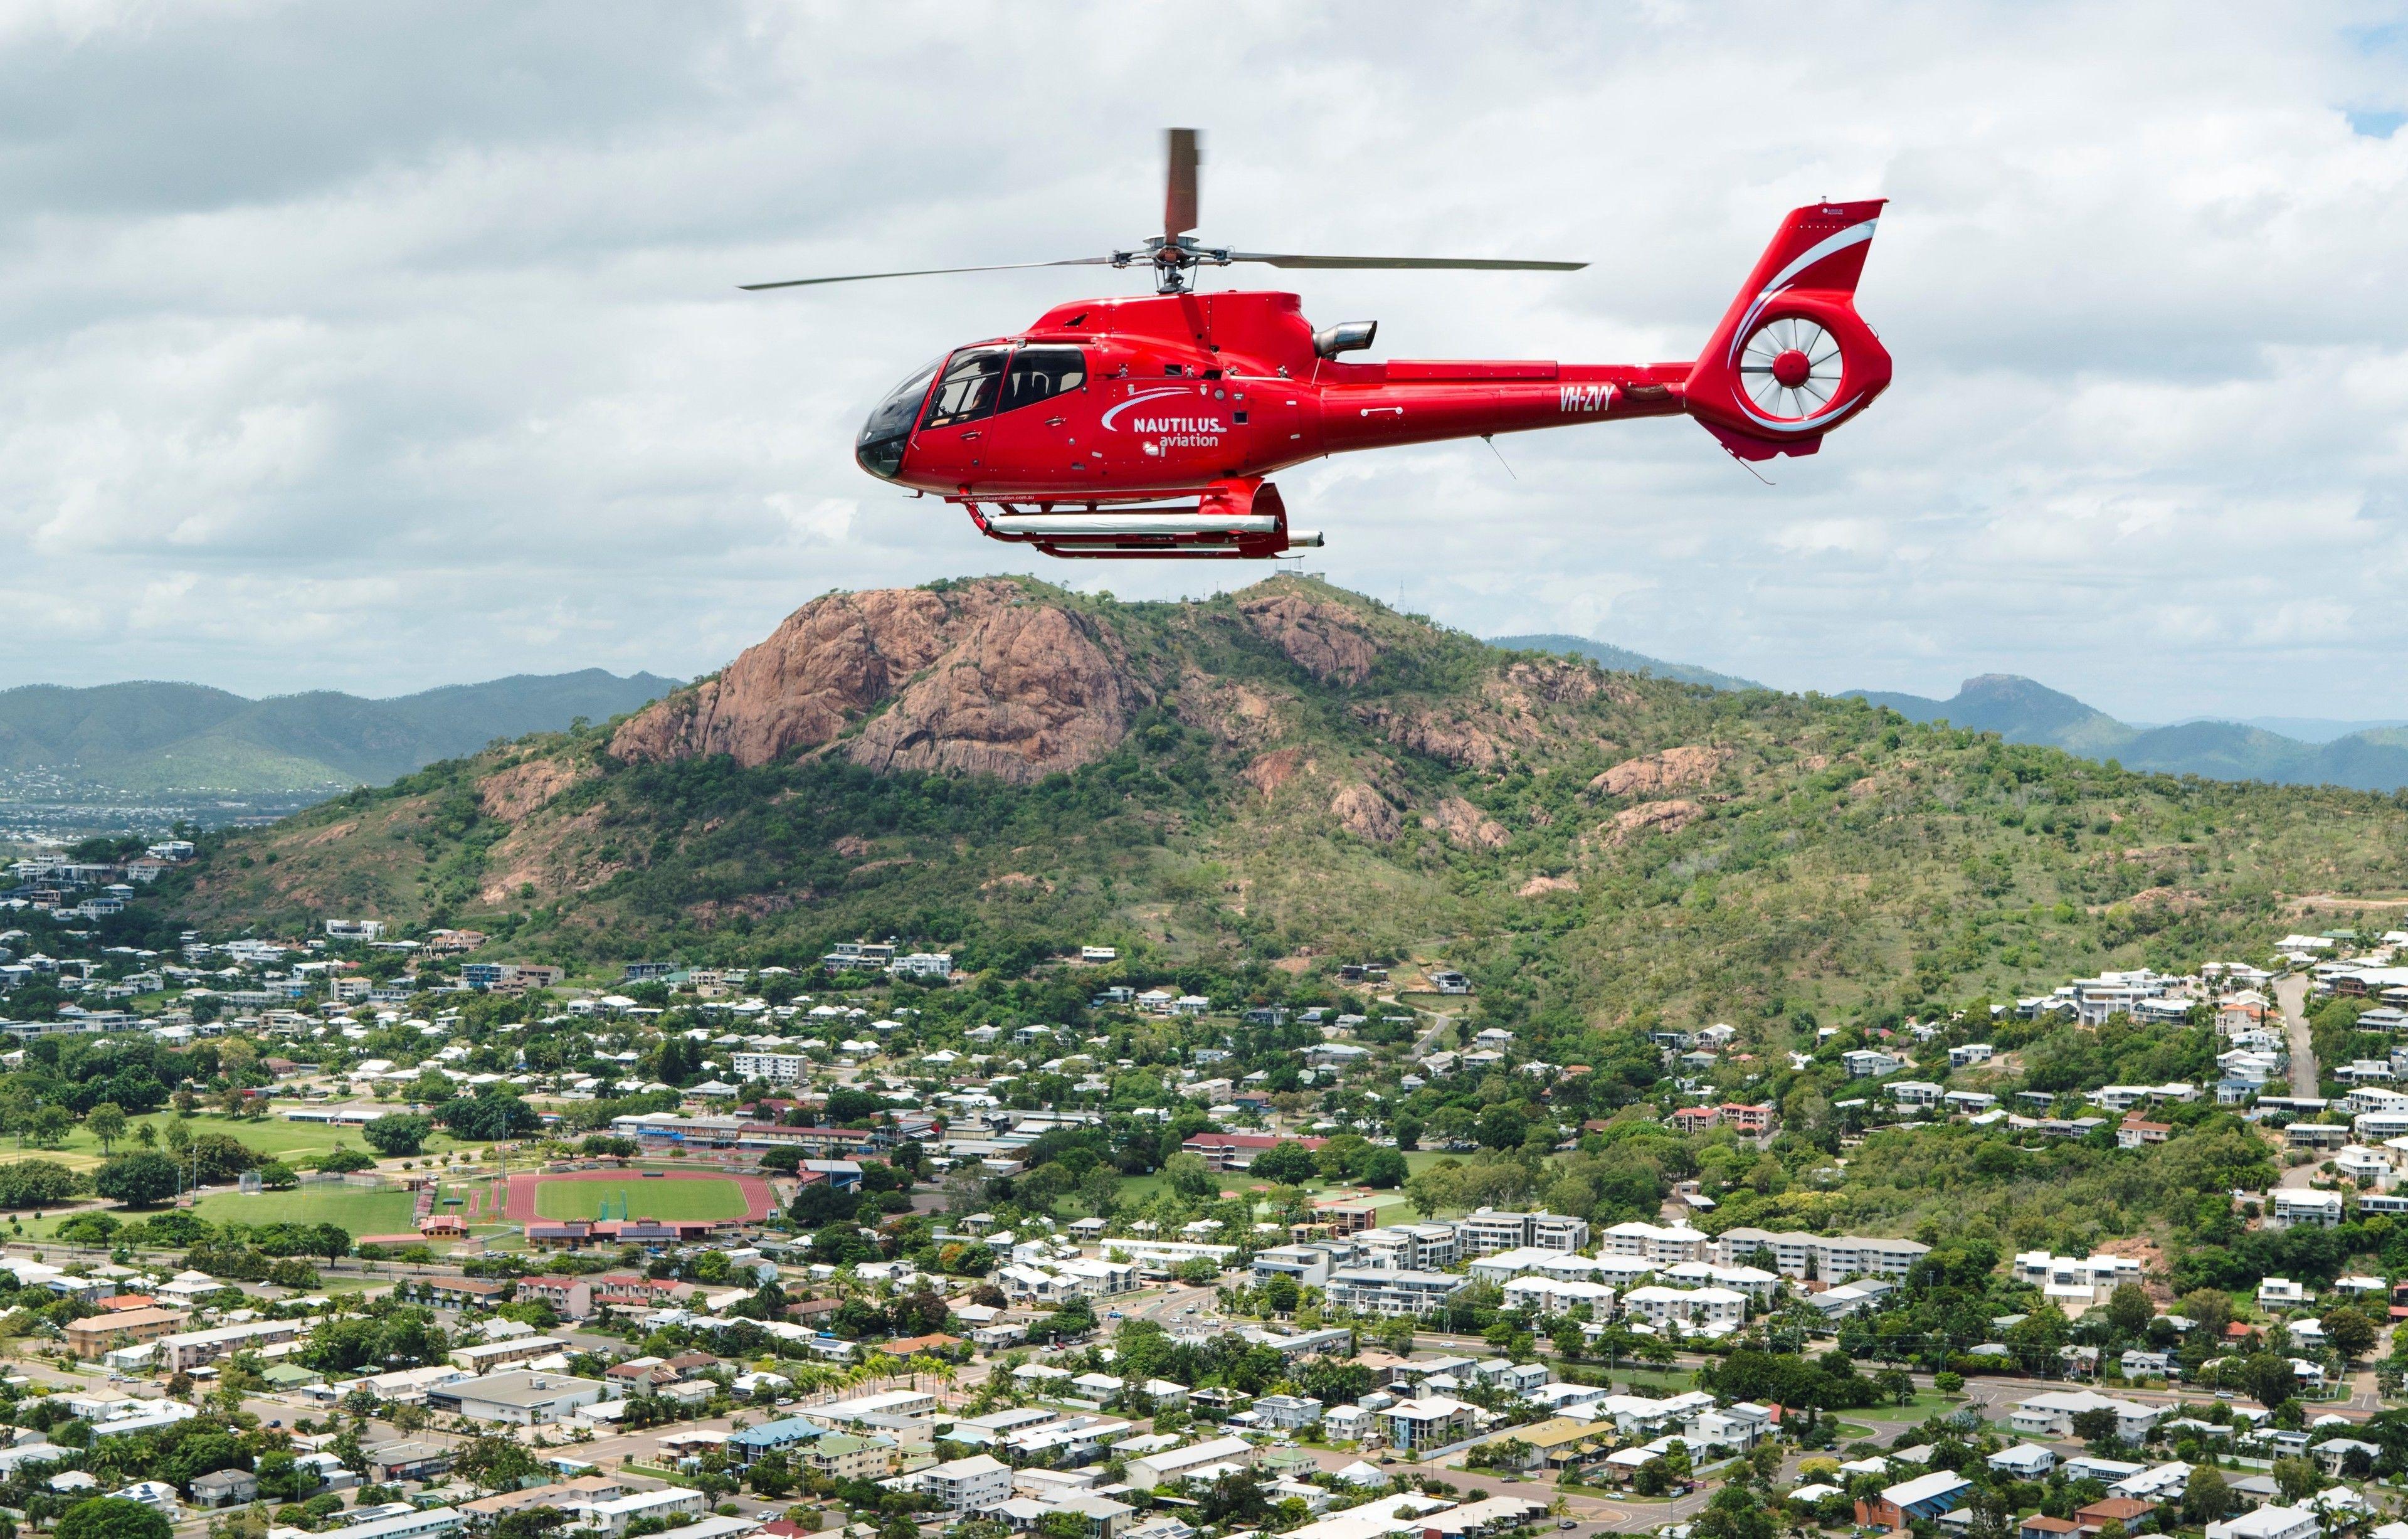 10-Minute Townsville City Scenic Flight